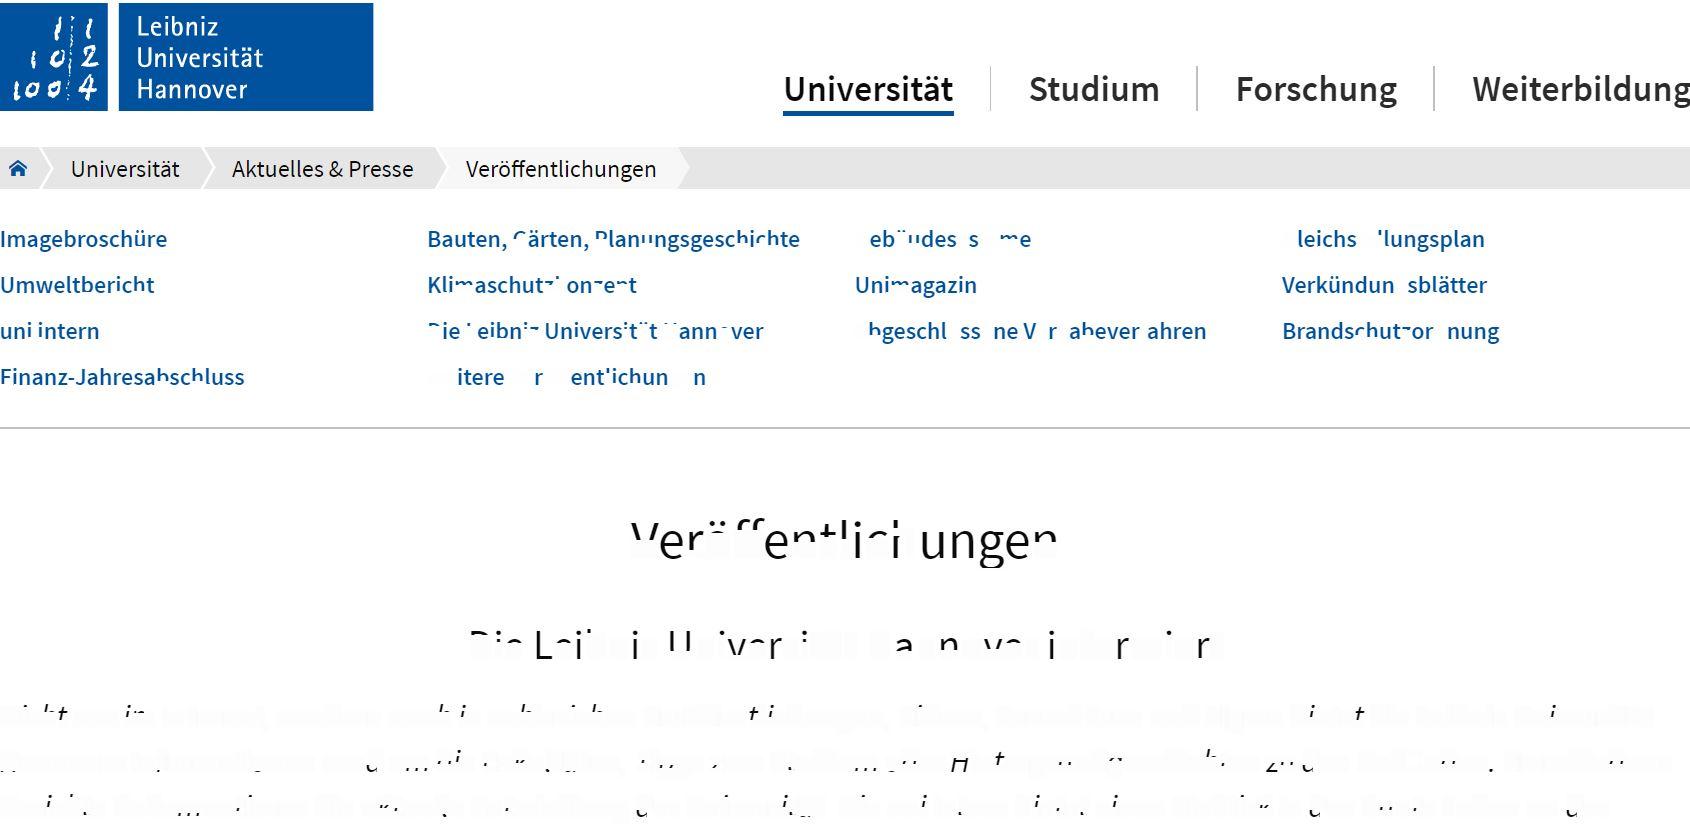 Unvollständige Schriftdarstellung nach Win-Update in Browsern